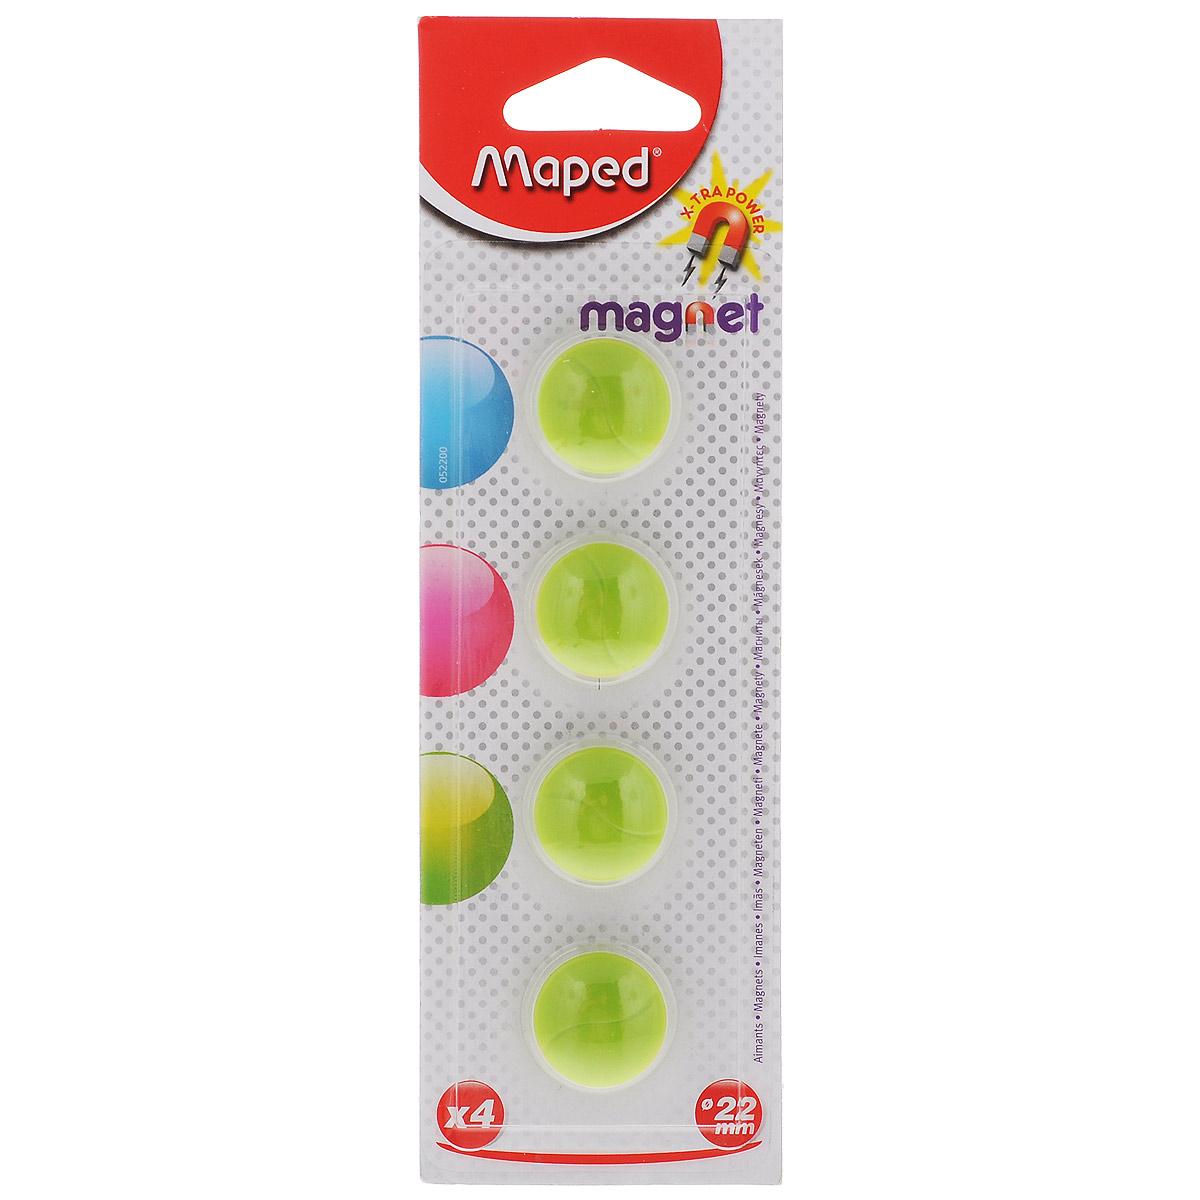 Набор магнитов Maped, цвет: зеленый, 22 мм, 4 шт52200_зеленыйМагниты синего цвета Maped не позволят потерять важную идею при проведении семинаров, мозговых штурмов или презентаций. Выпуклая форма и маленький диаметр делают их удобными при работе с картами или планингами. Они помогут надежно прикрепить листы бумаги на любой железной или стальной поверхности. В наборе 4 магнита зеленого цвета. Рекомендовано детям старше трех лет.